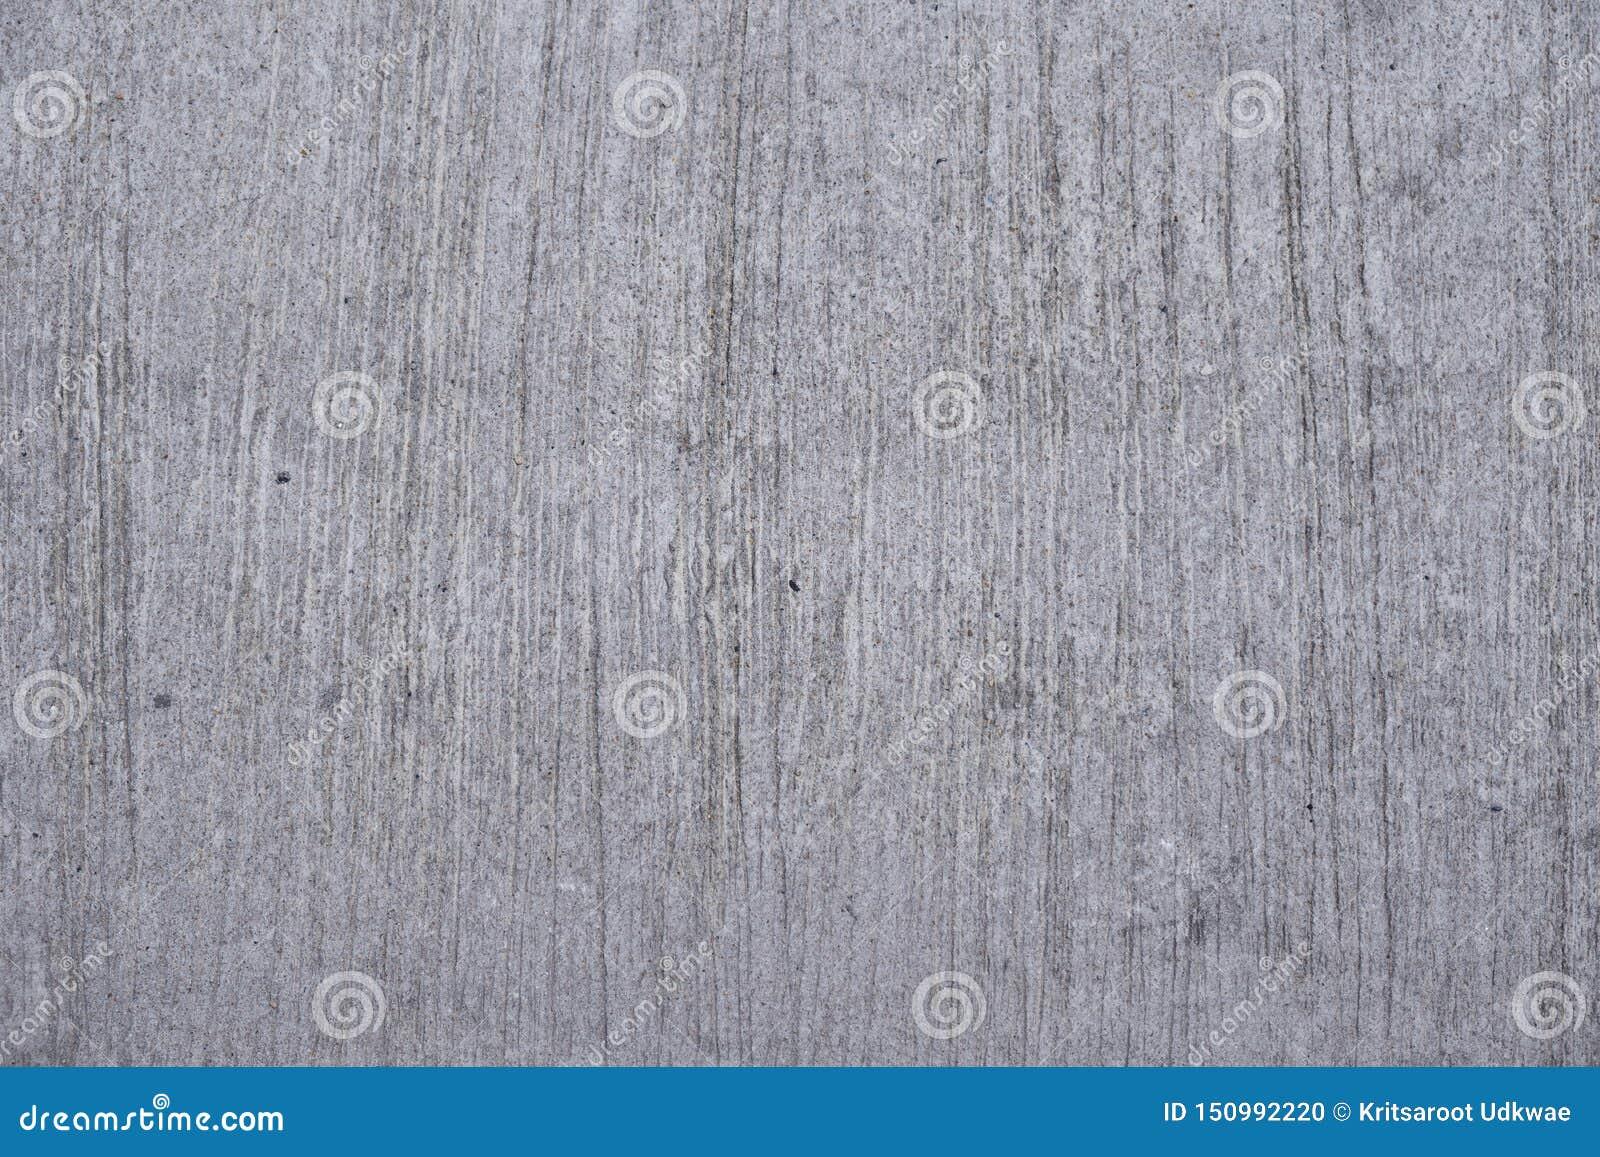 Παλαιό και βρώμικο υπόβαθρο σύστασης τοίχων τσιμέντου